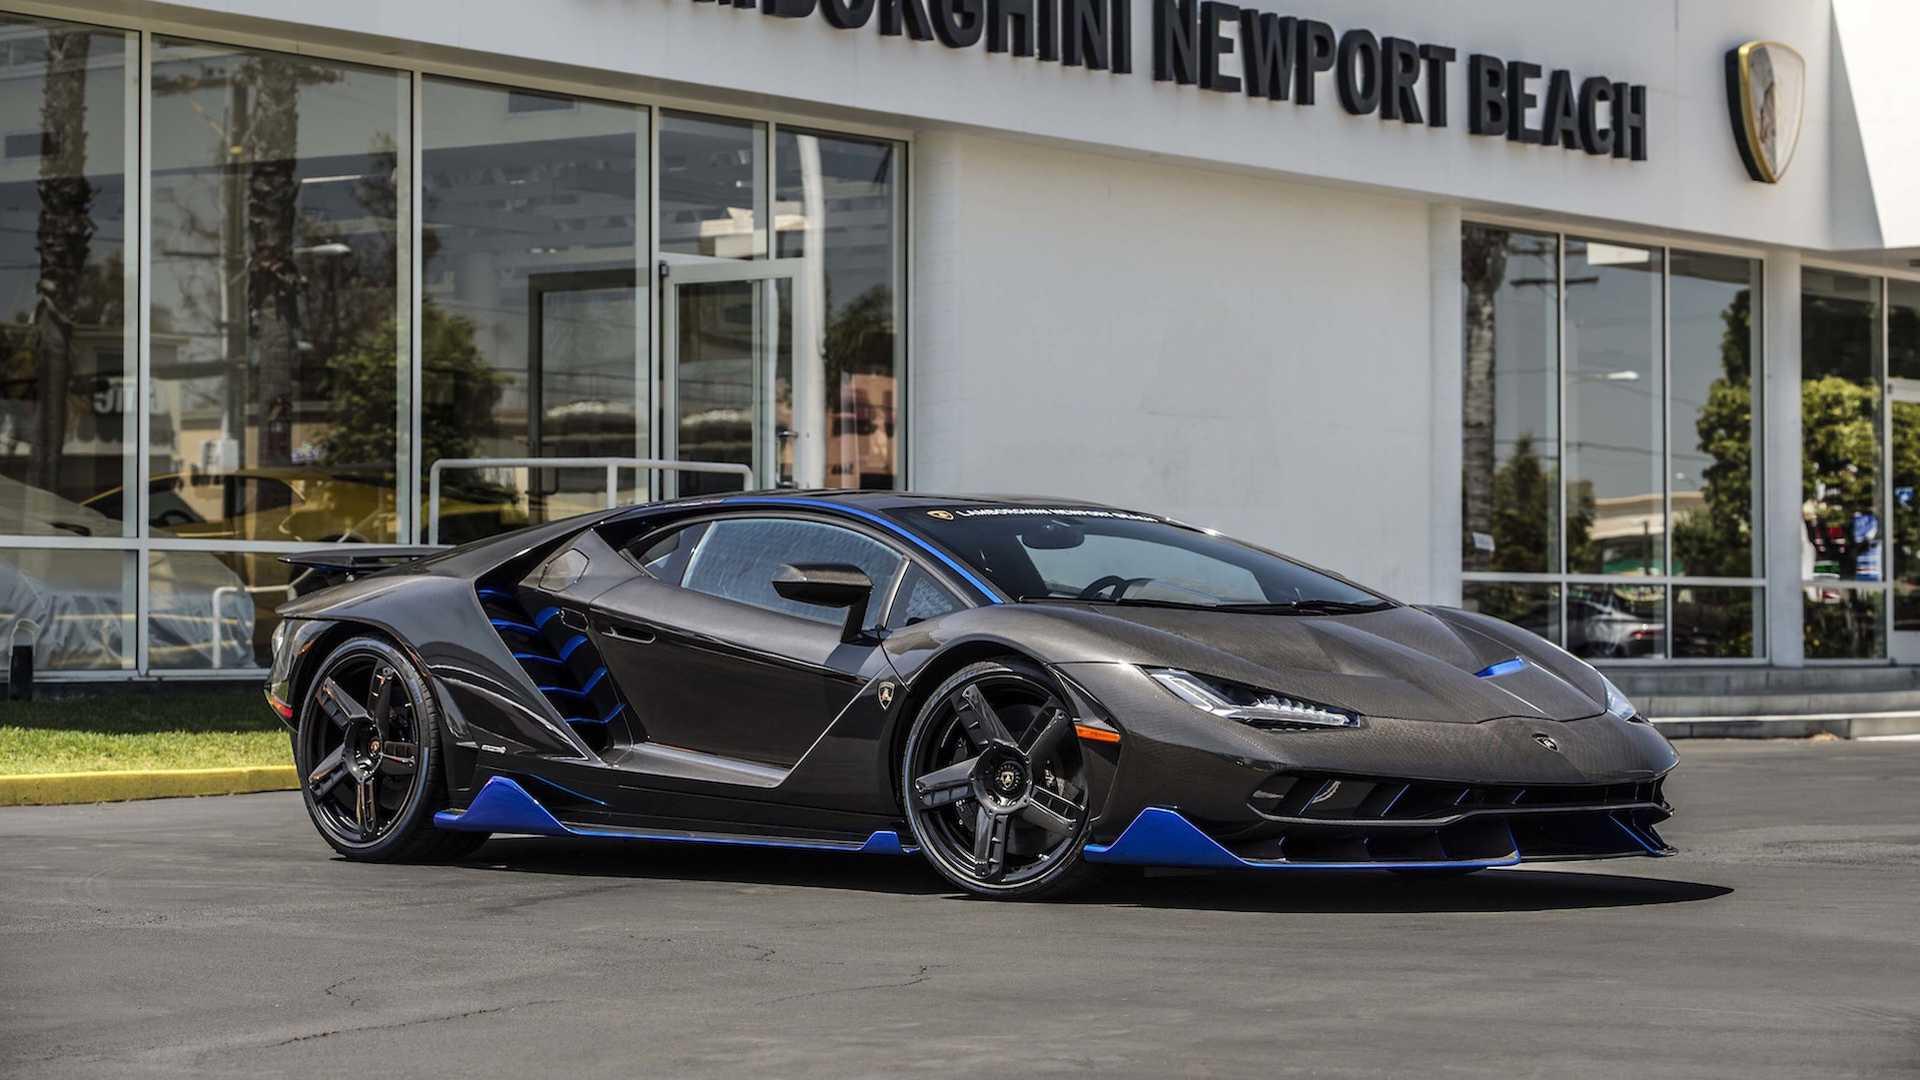 Lamborghini Centenario Lp News Supercars